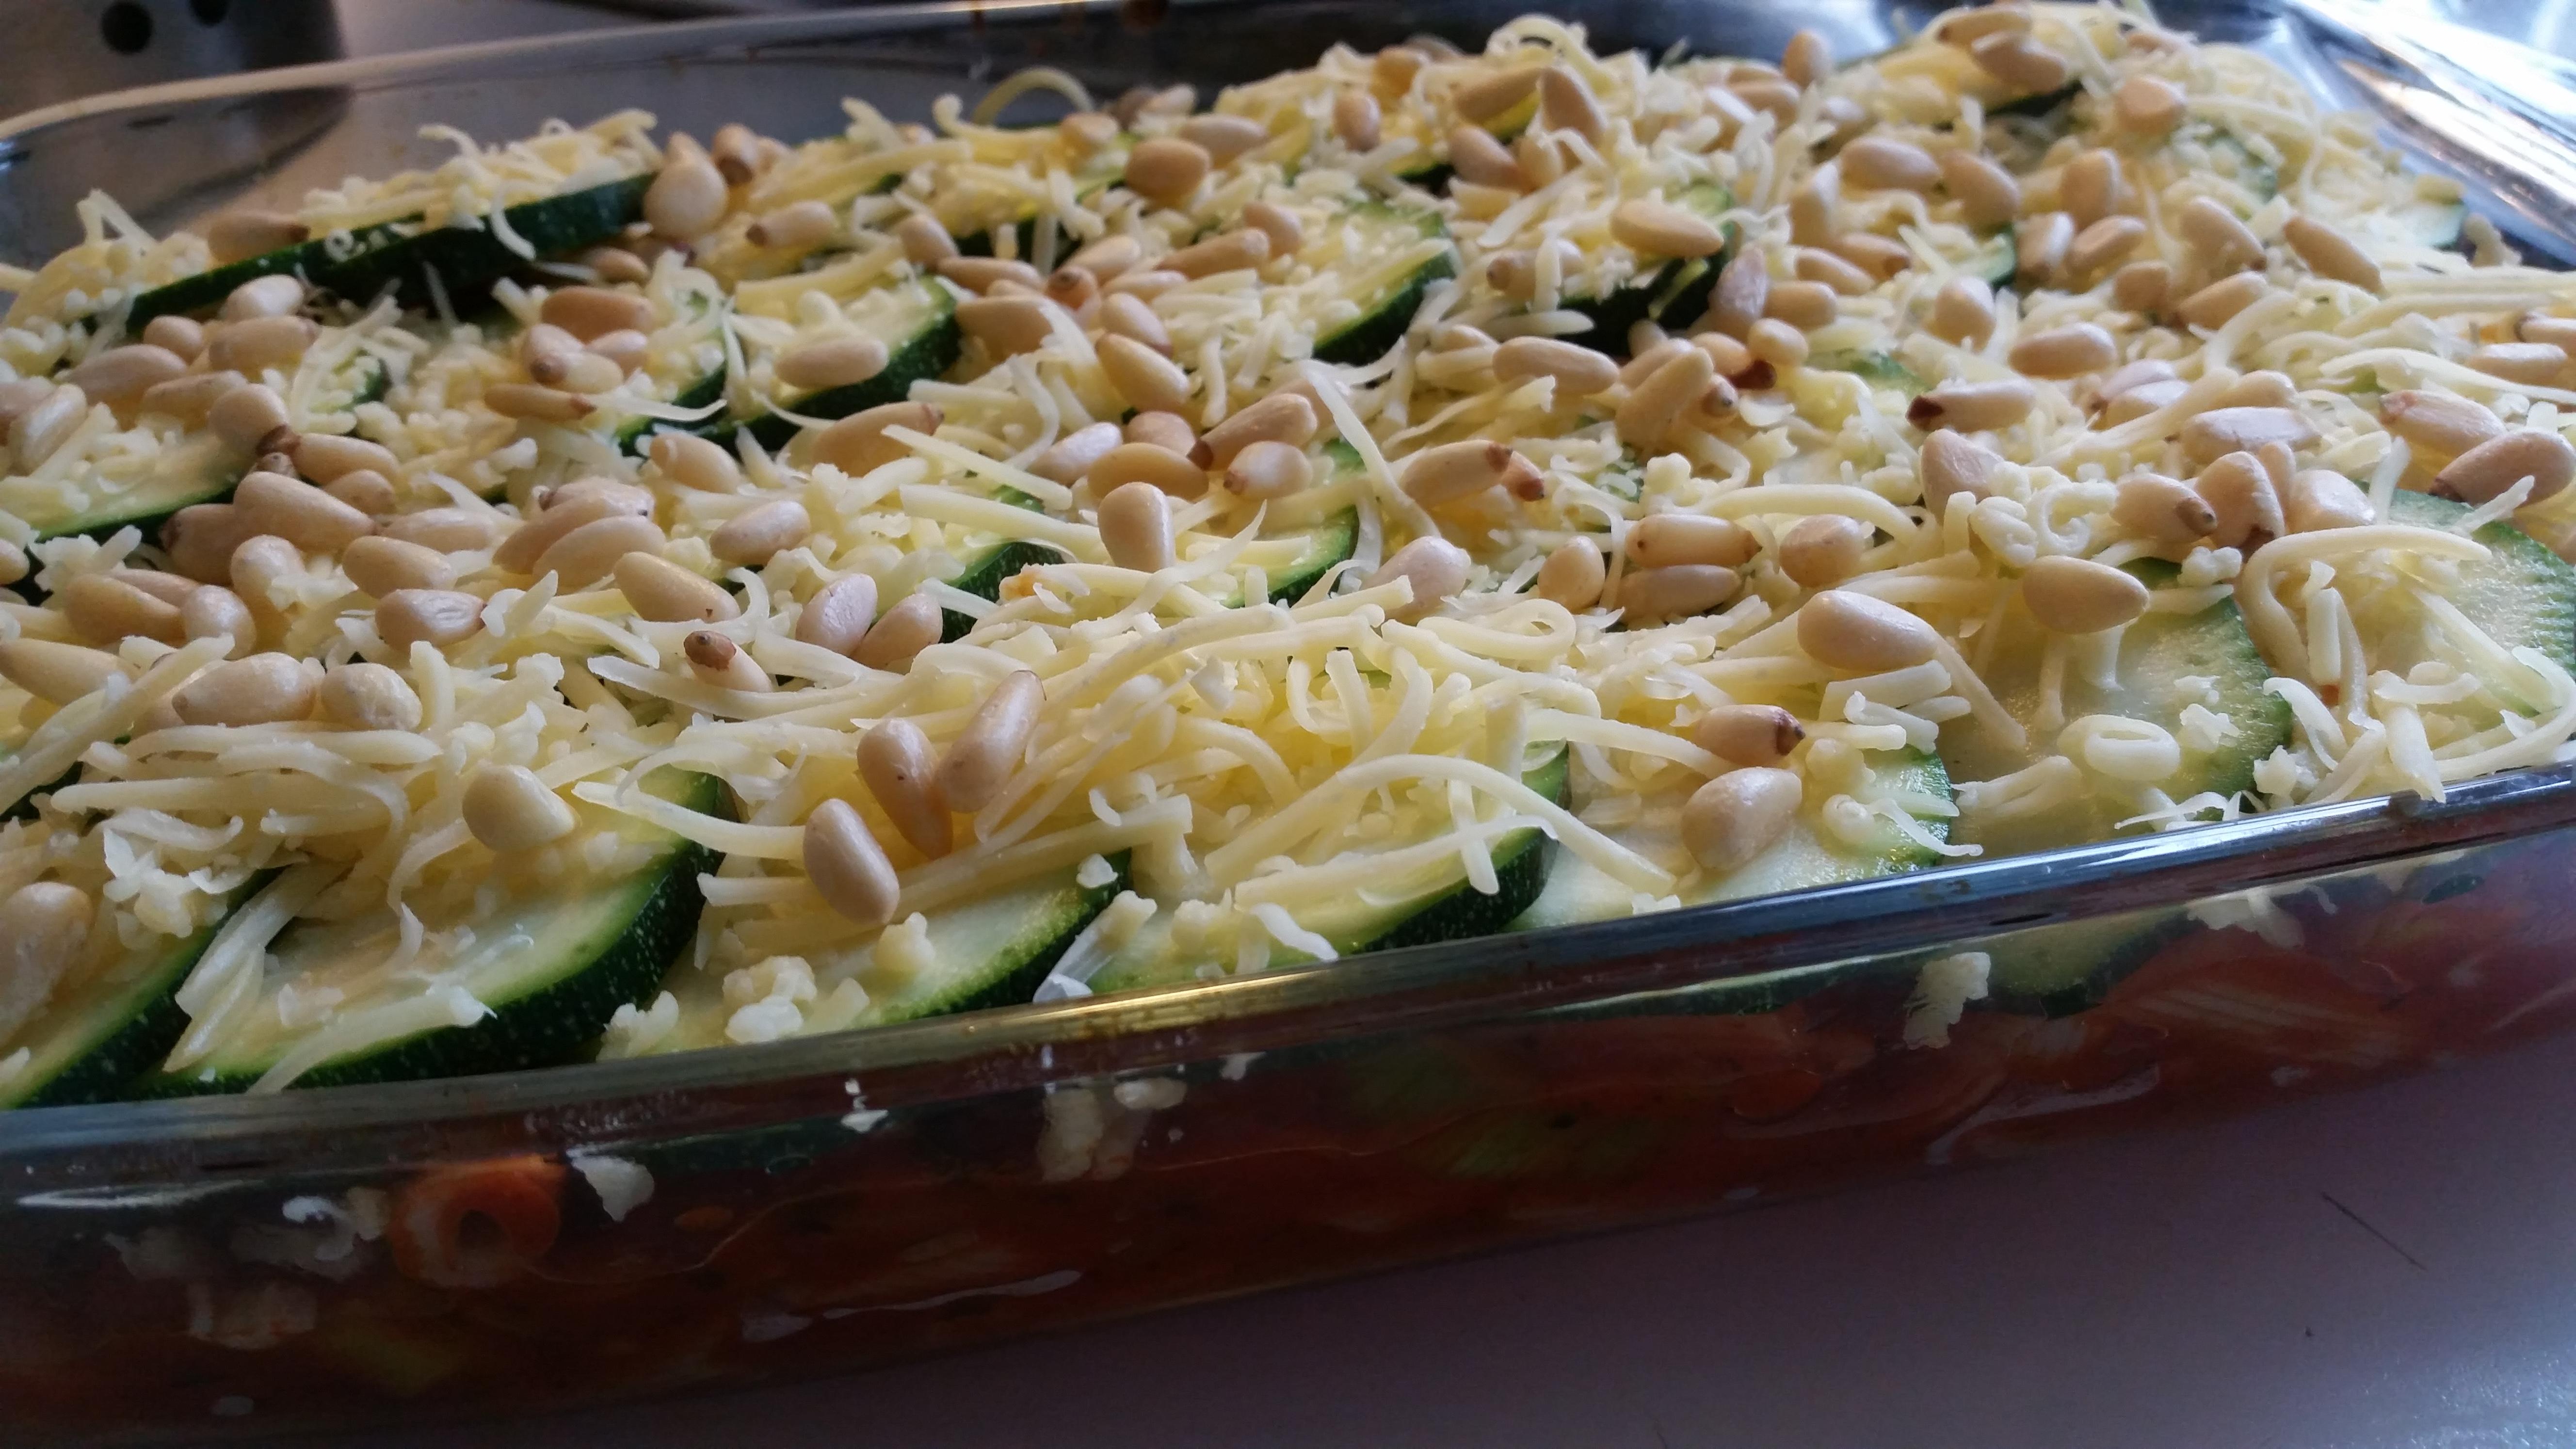 6-16-ovenschotel-lasagne-courgette-pasta-kaas-pastaschotel-pijnboompitjes-tomatensaus-tomaten-kaas-prei-recept-kindvriendelijk-kindje-peuter-oven